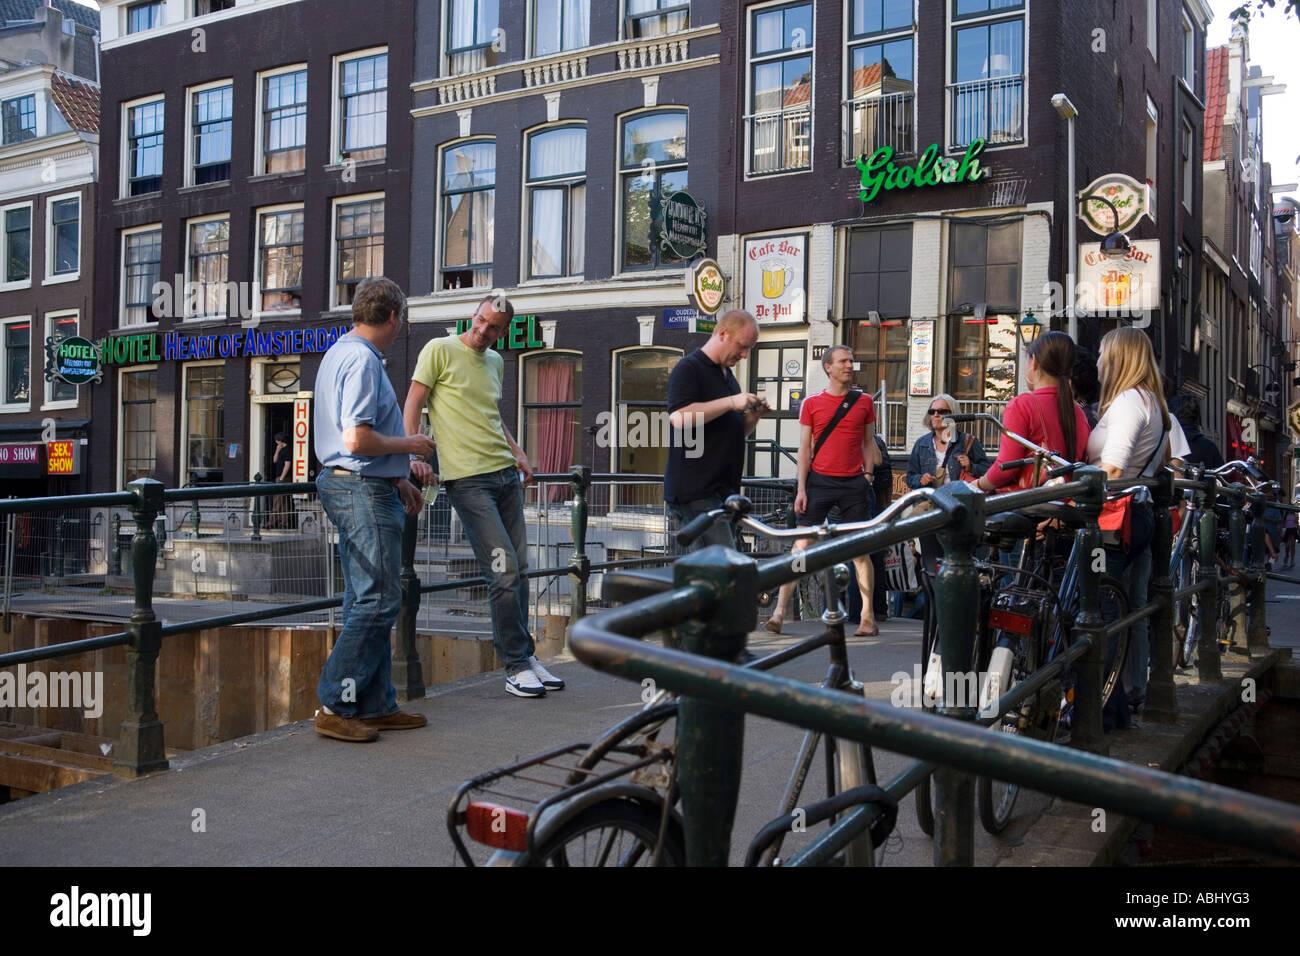 Licht Tour Amsterdam : Menschen auf der brücke walletjes rot licht viertel amsterdam